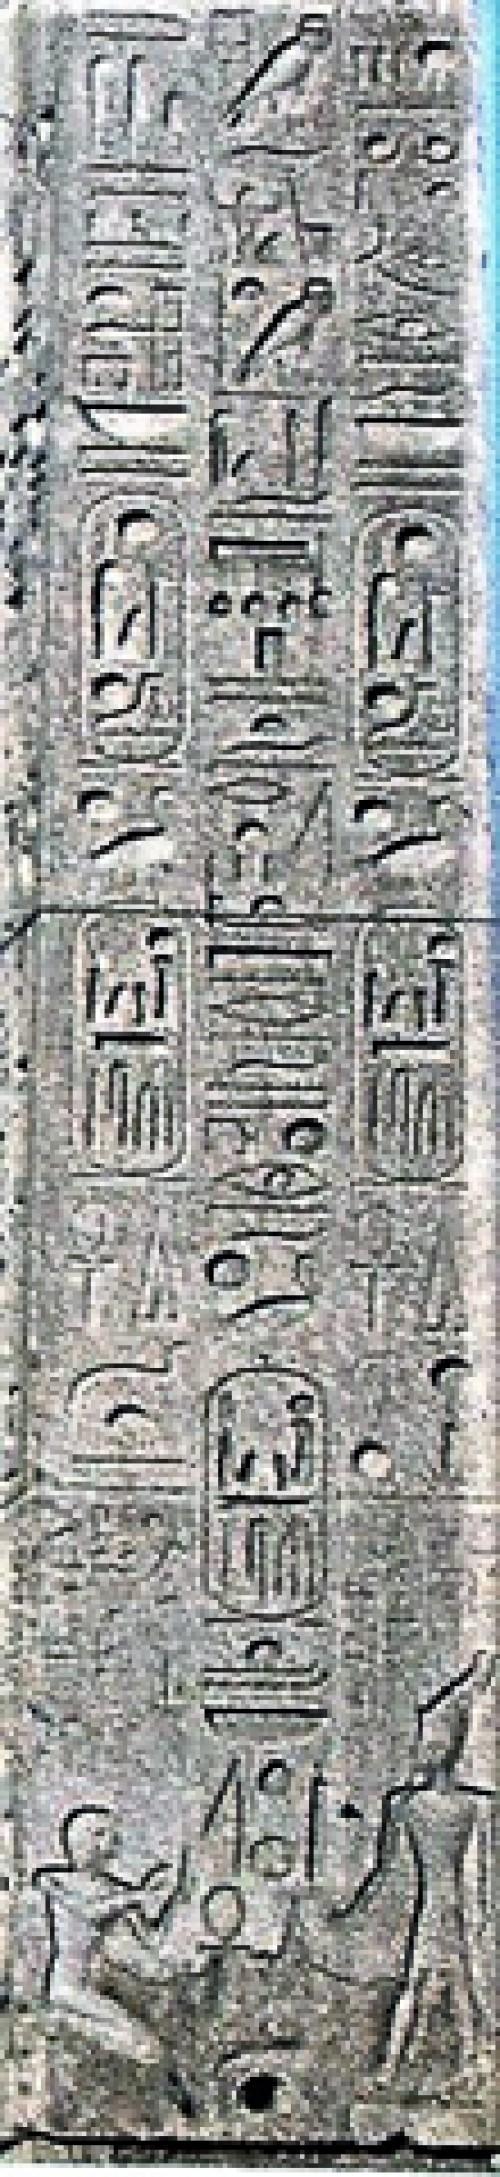 Obelisk Flaminio, fragment, Piazza del Popolo